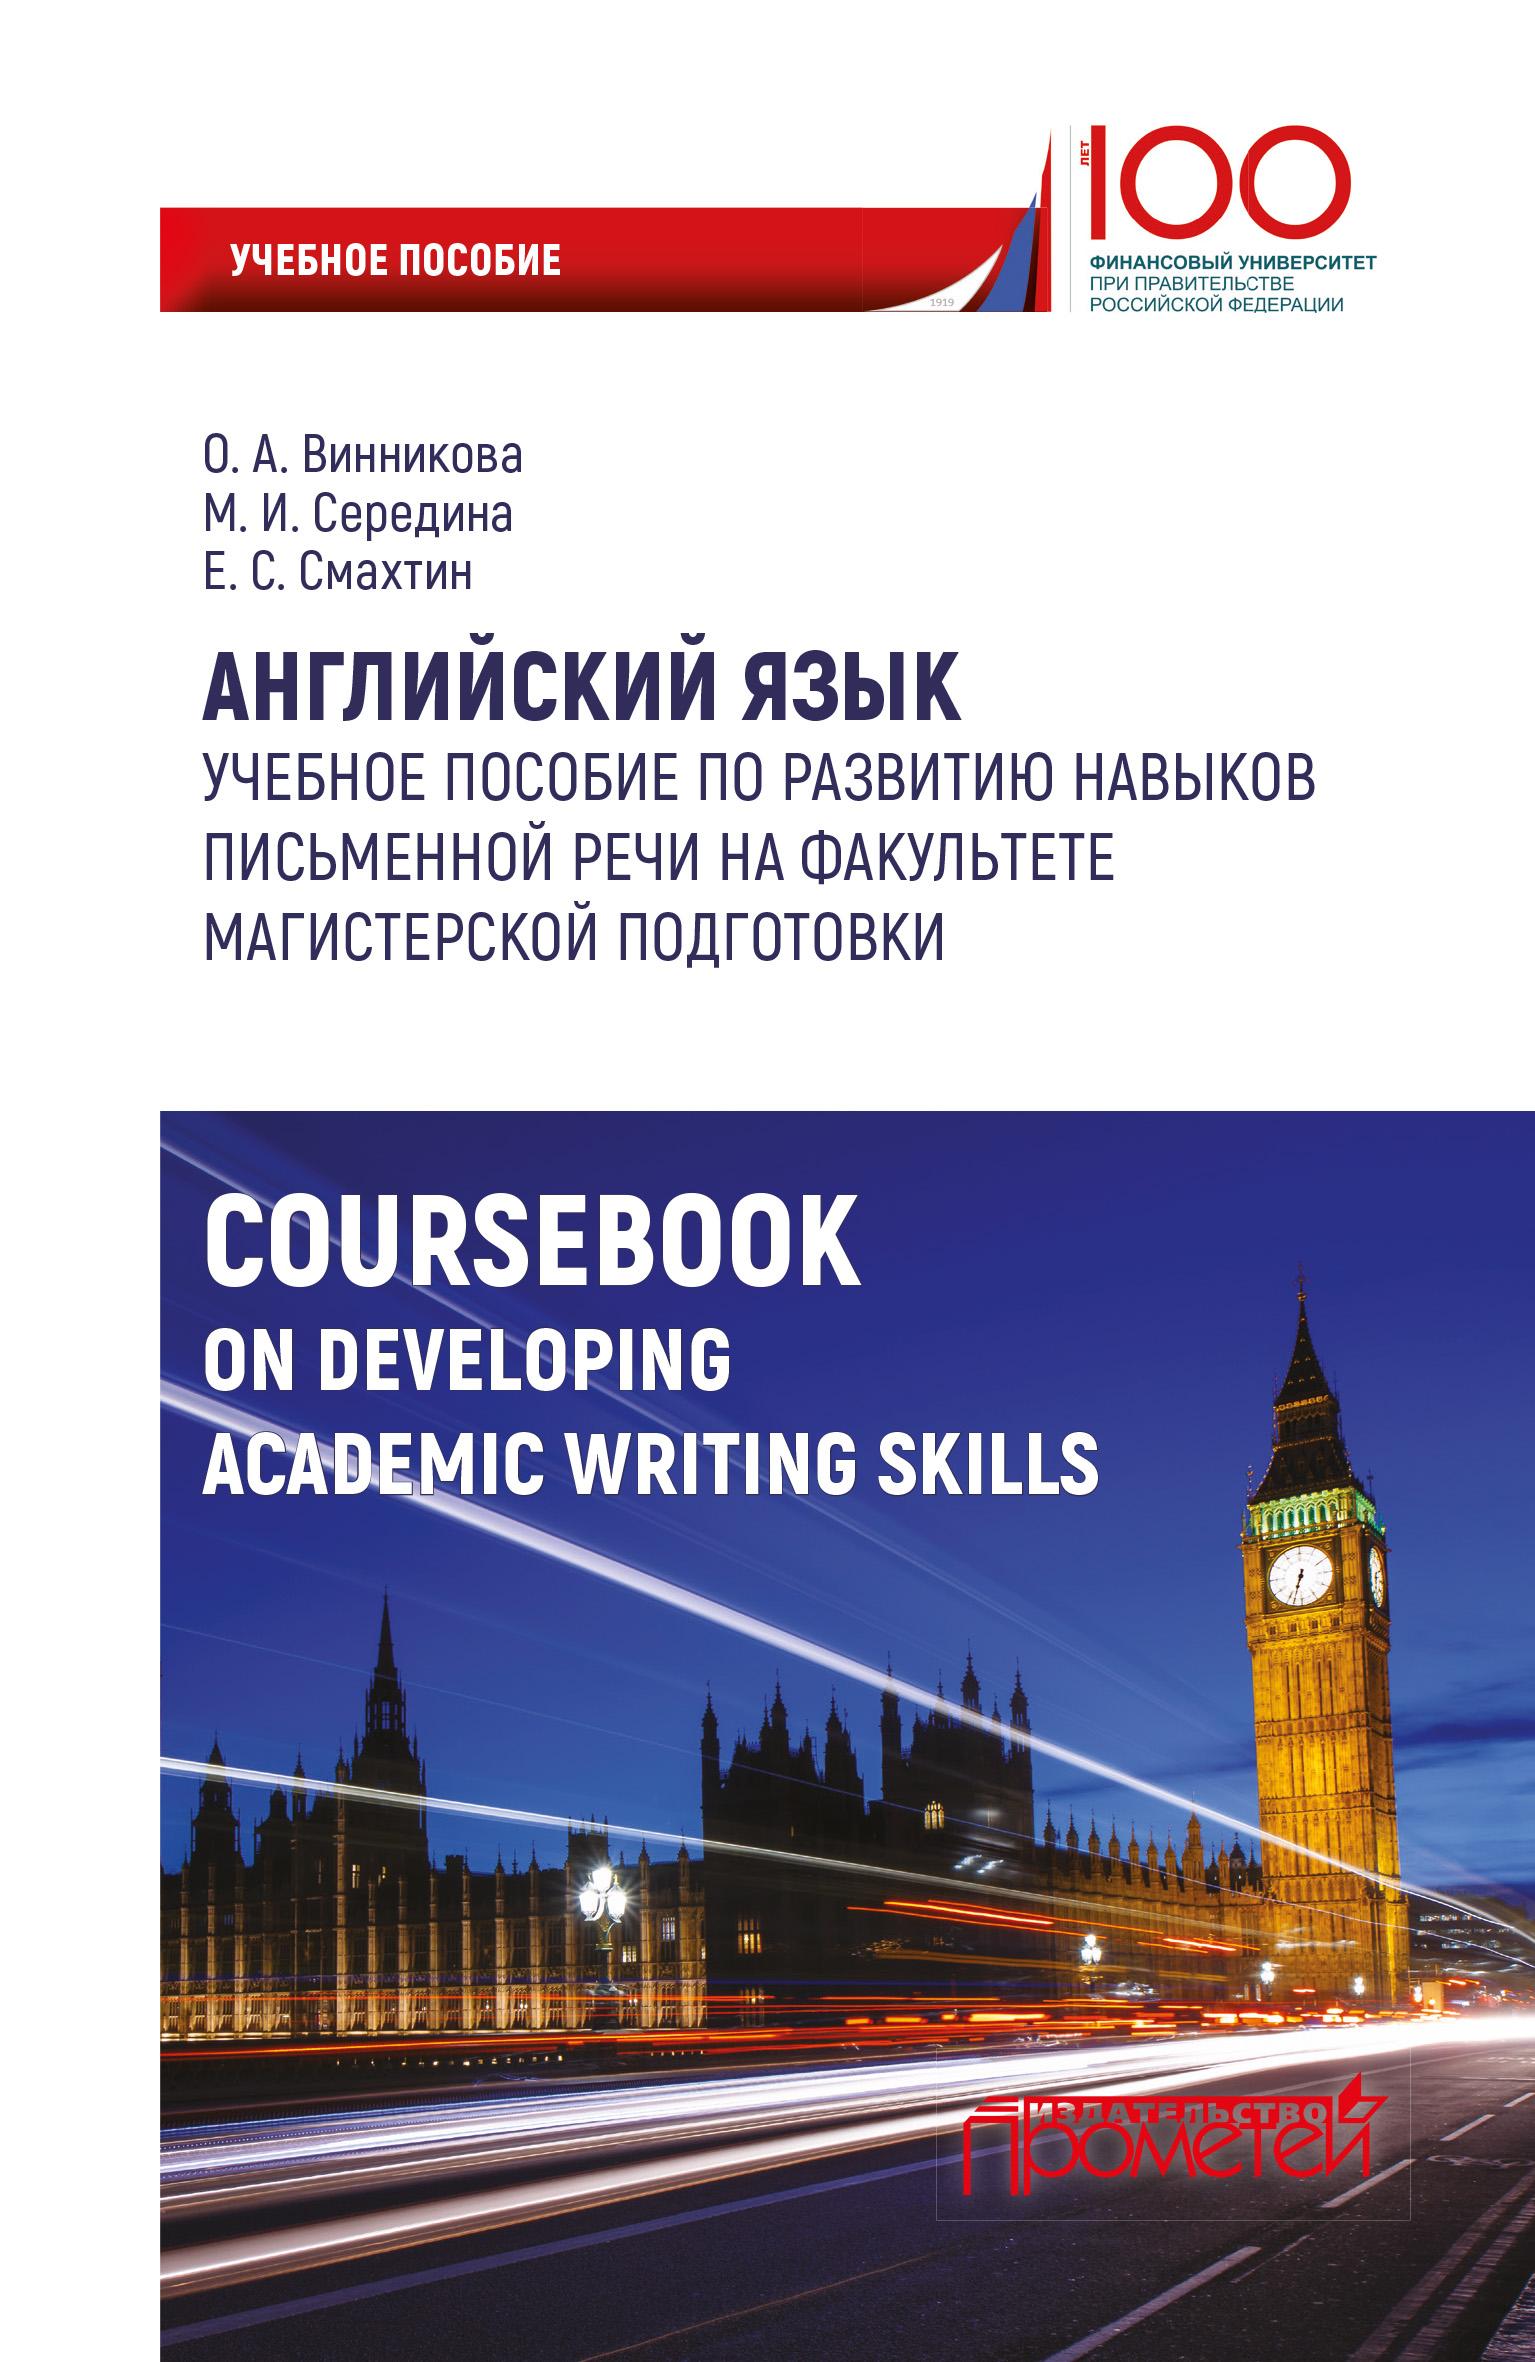 Английский язык. Учебное пособие по развитию навыков письменной речи на факультете магистерской подготовки